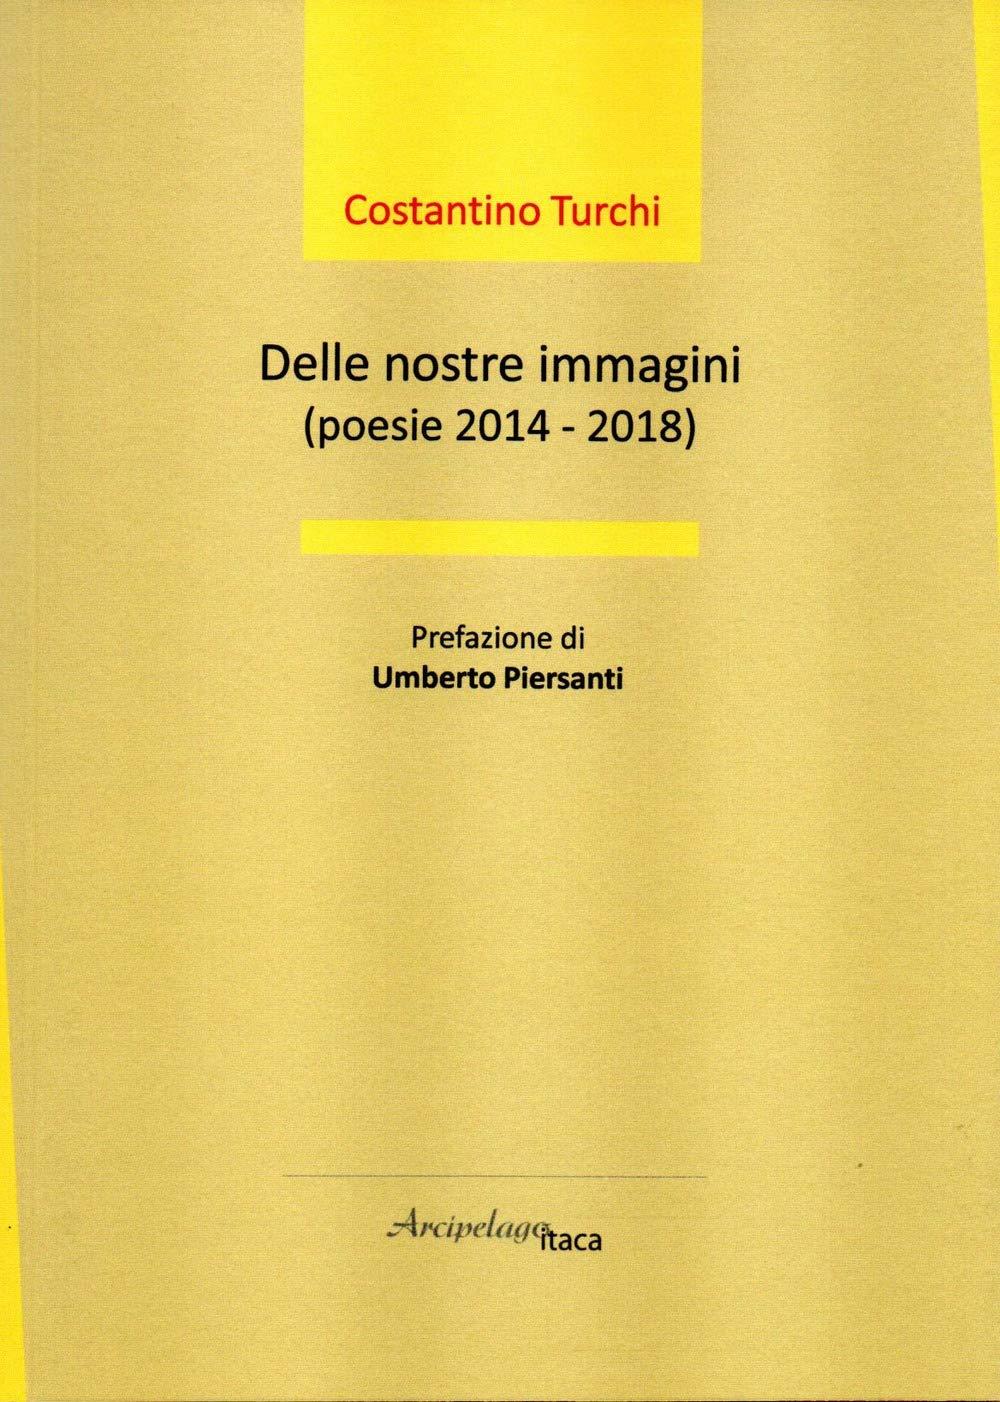 """Ideologia e metro: """"Delle nostre immagini"""" di Costantino Turchi"""